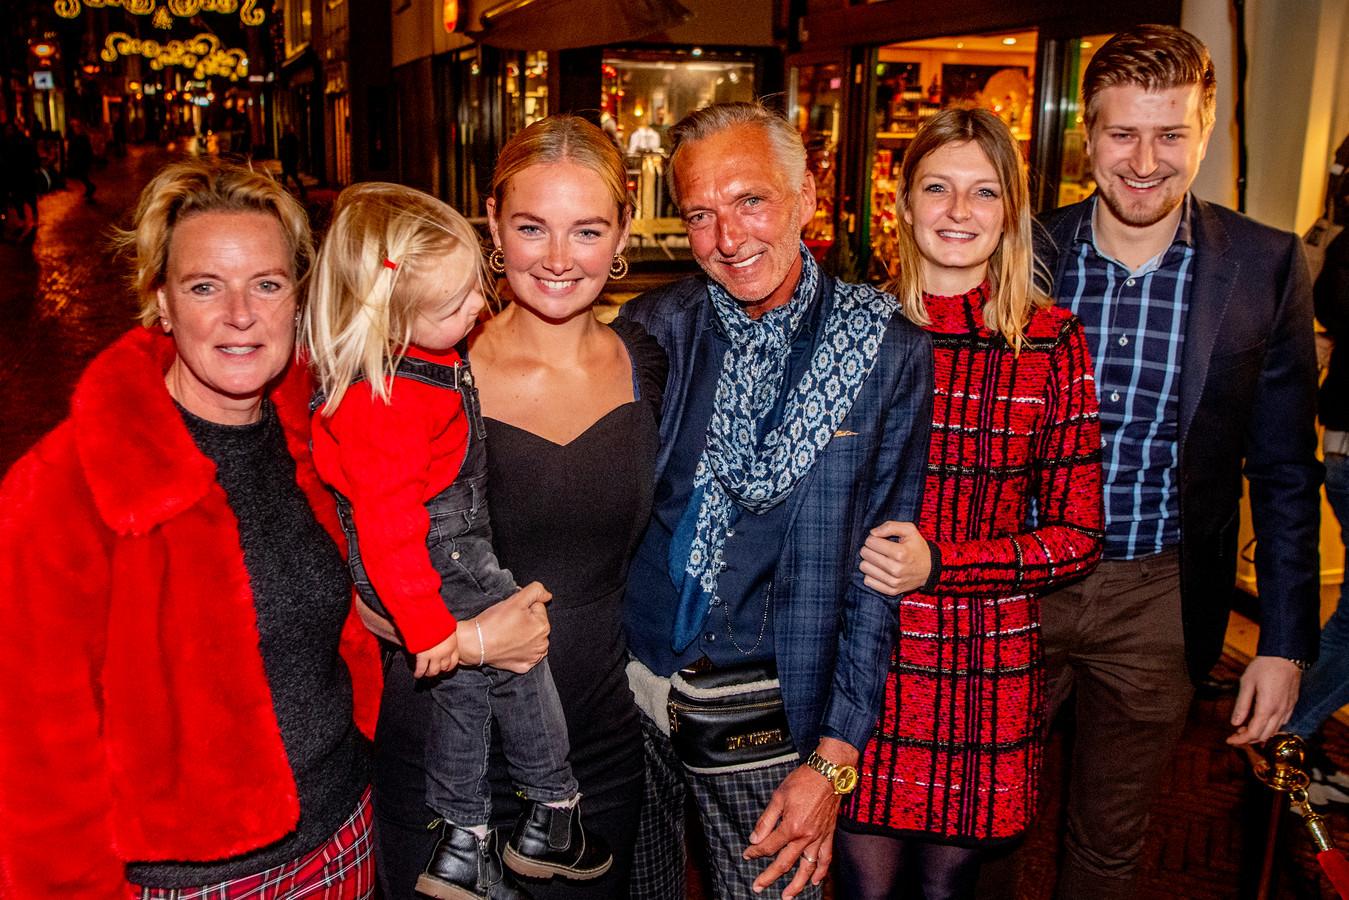 De familie Meiland zegt Frankrijk vaarwel. Martien, Erica en Maxime verlaten hun chateau en keren terug naar Nederland.